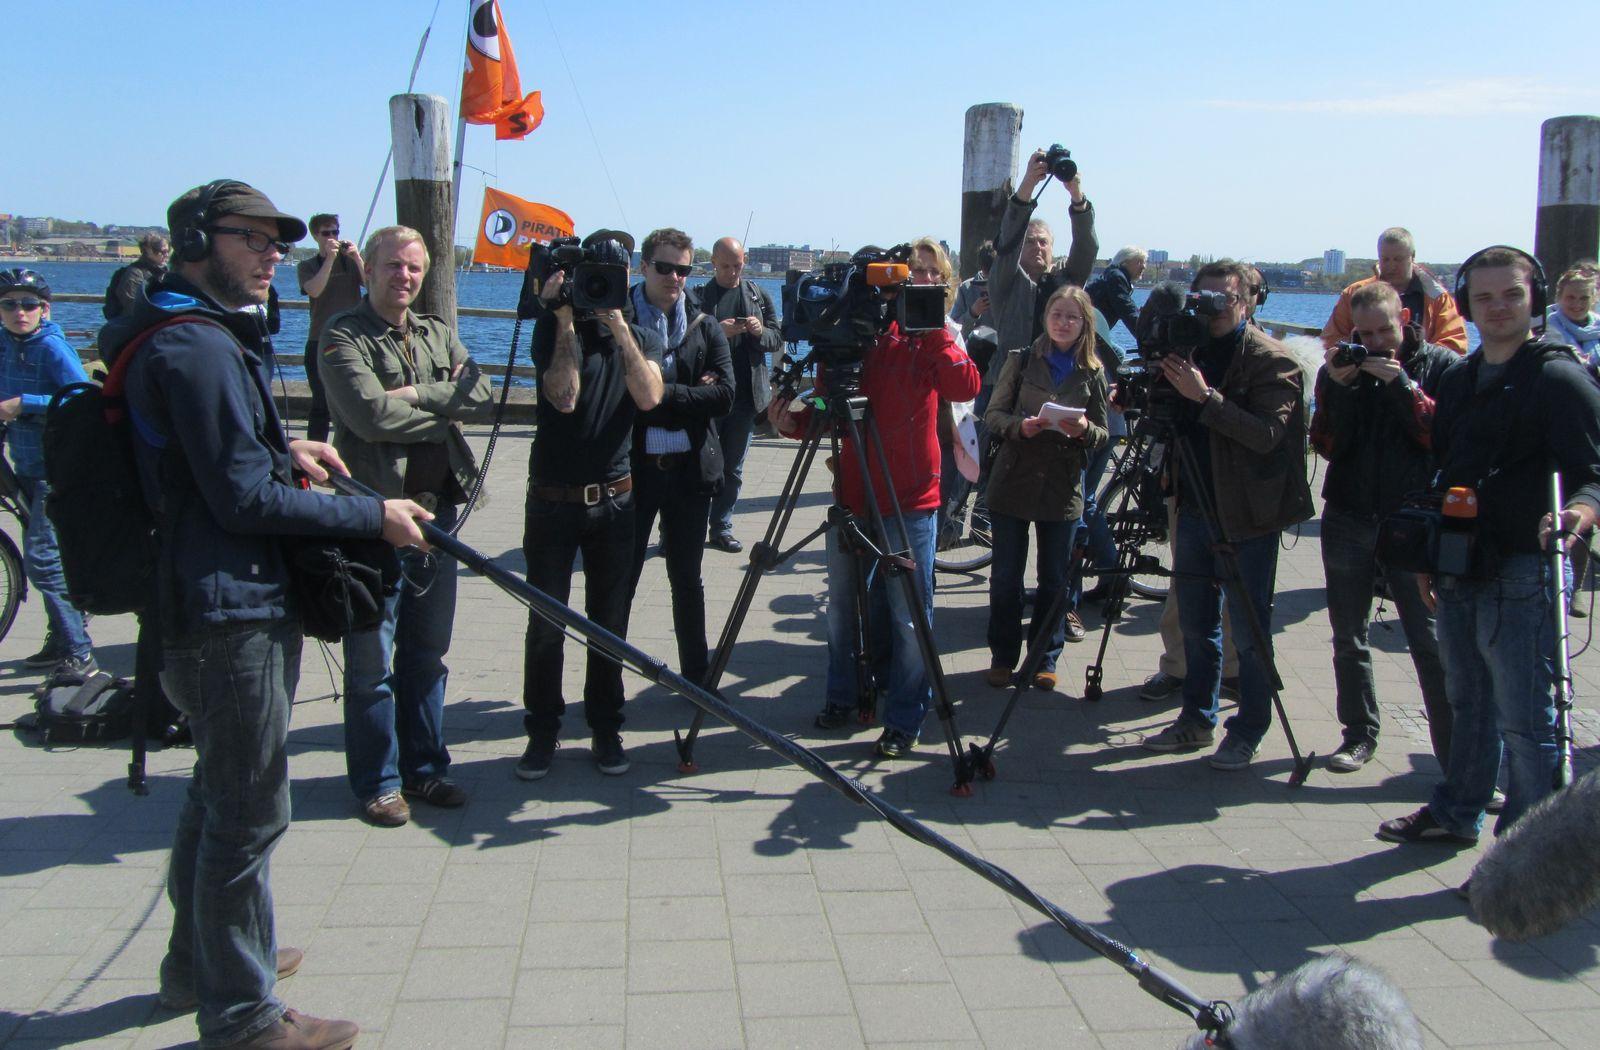 VIDEOTEASER - Uli König - Ansegeln mit den Piraten